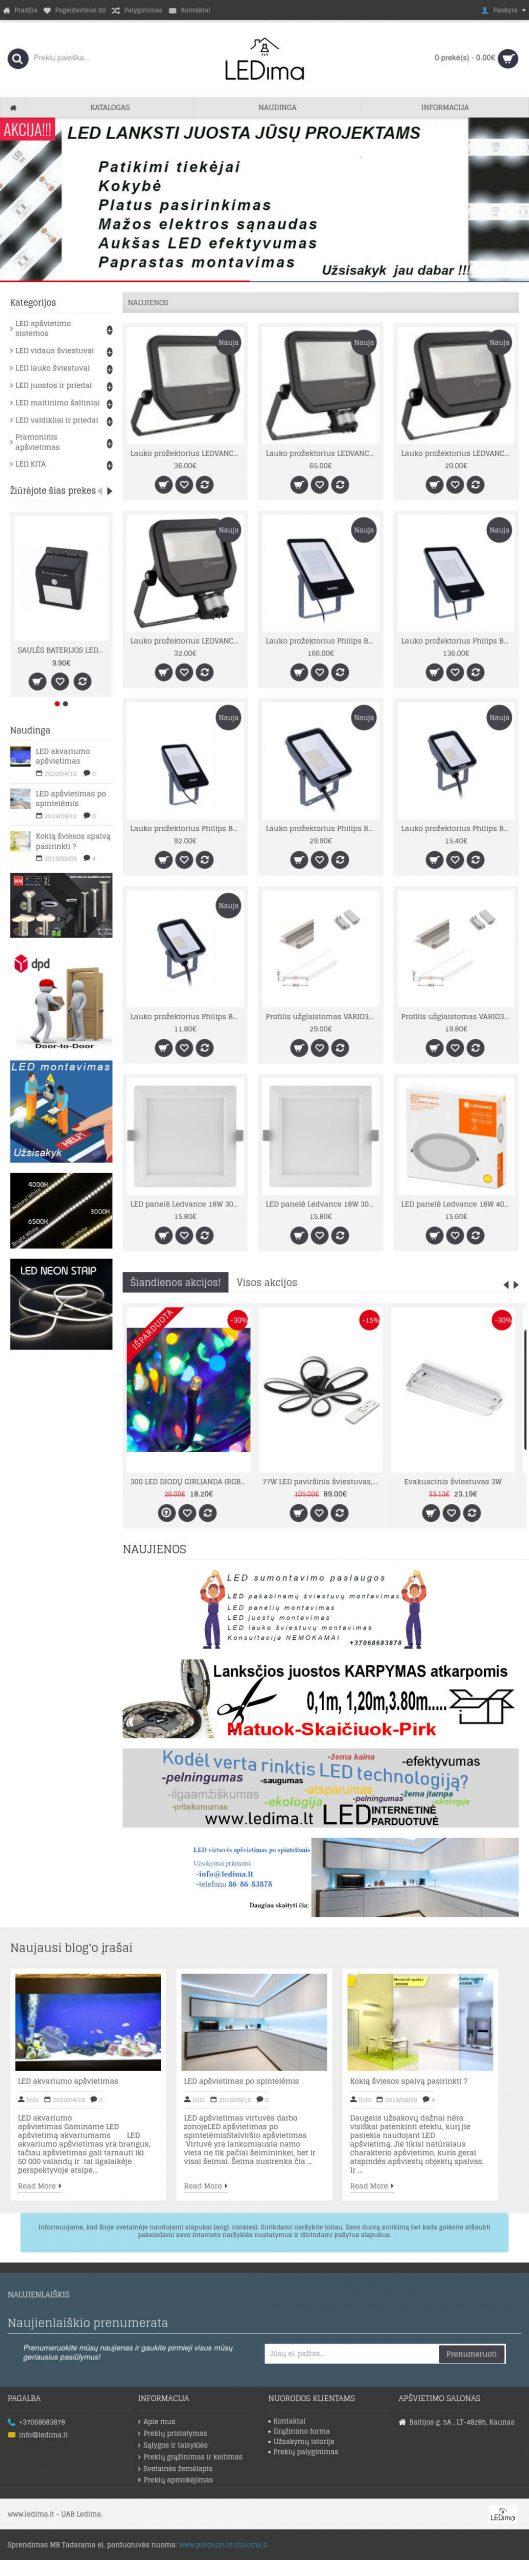 ledima.lt –  elektroninė parduotuvė,  kuri specializuojasi  LED apšvietimo technikoje.